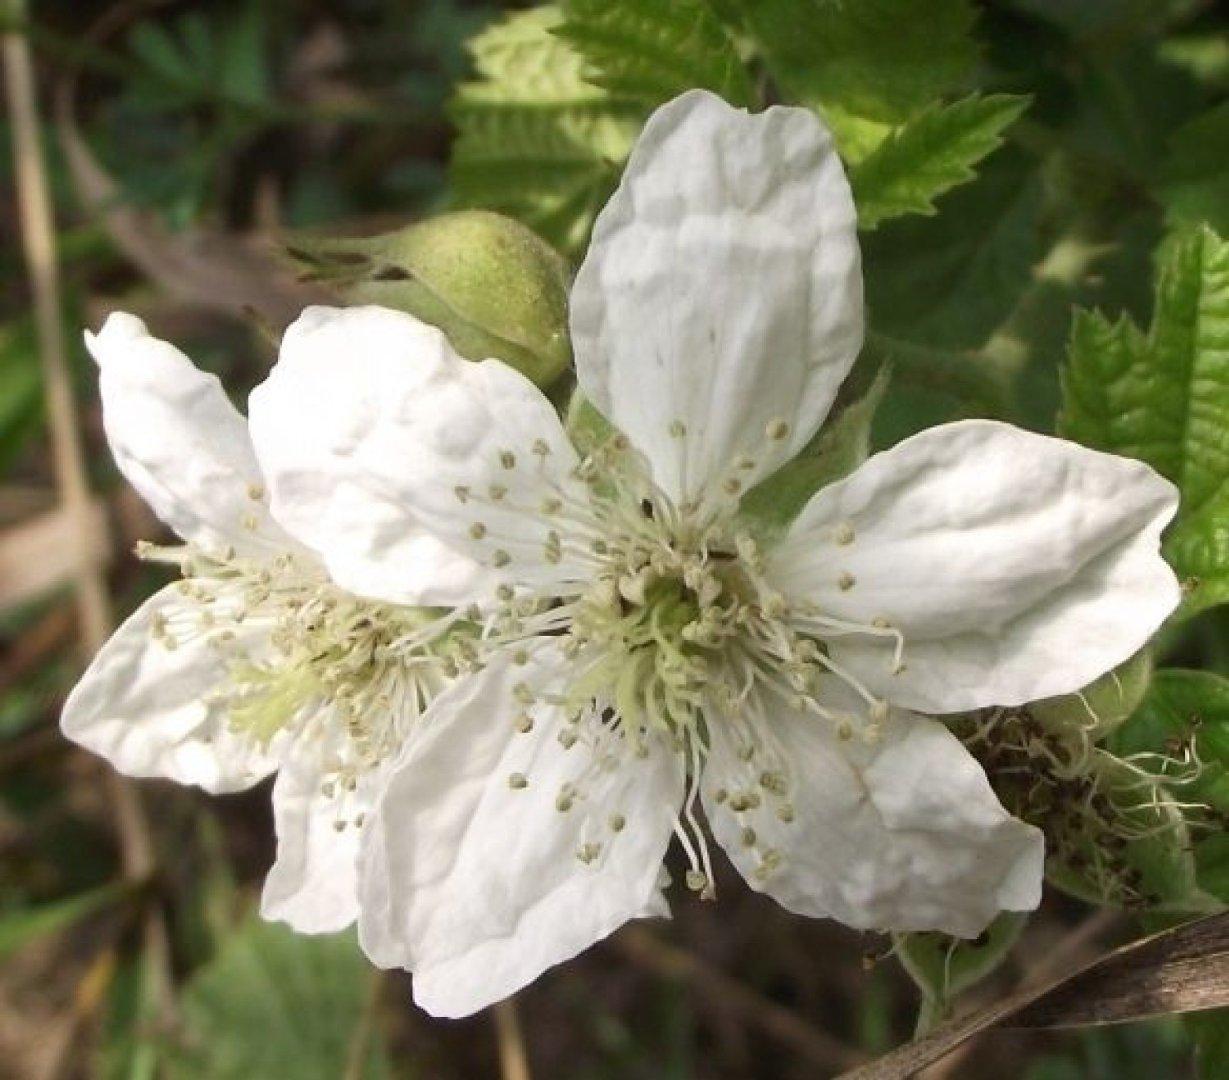 Biale Kwiaty Polne Ktore Spotkasz Na Przydroznych Rowach Lakach Fotogaleria Zbaszyn Nasze Miasto